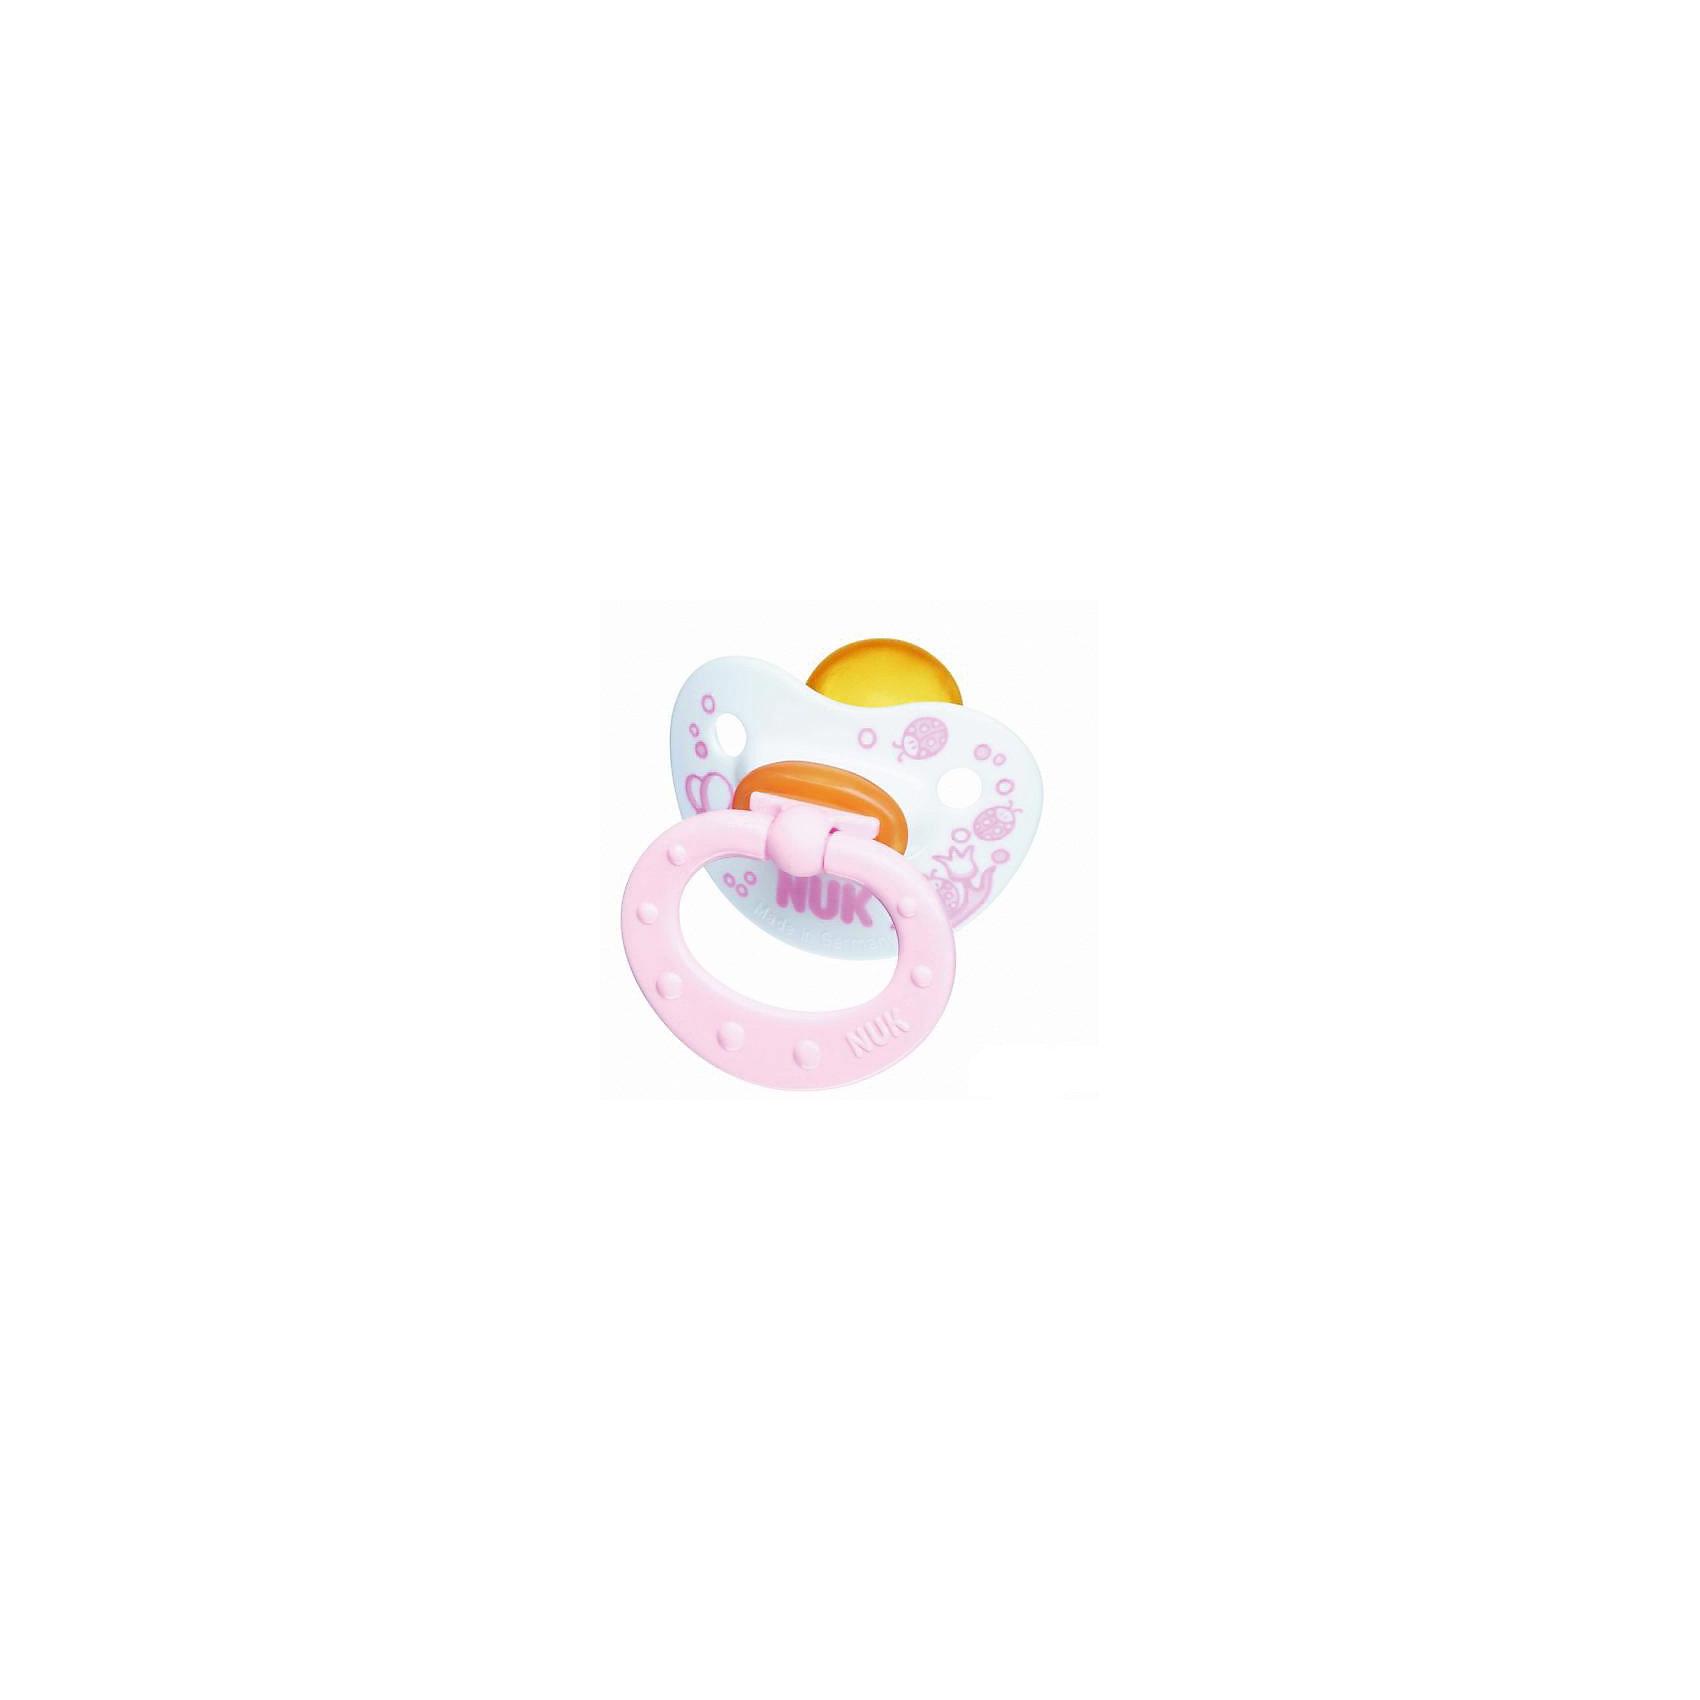 Пустышка для сна с кольцом Латекс, р. 1, Baby Rose, NUK